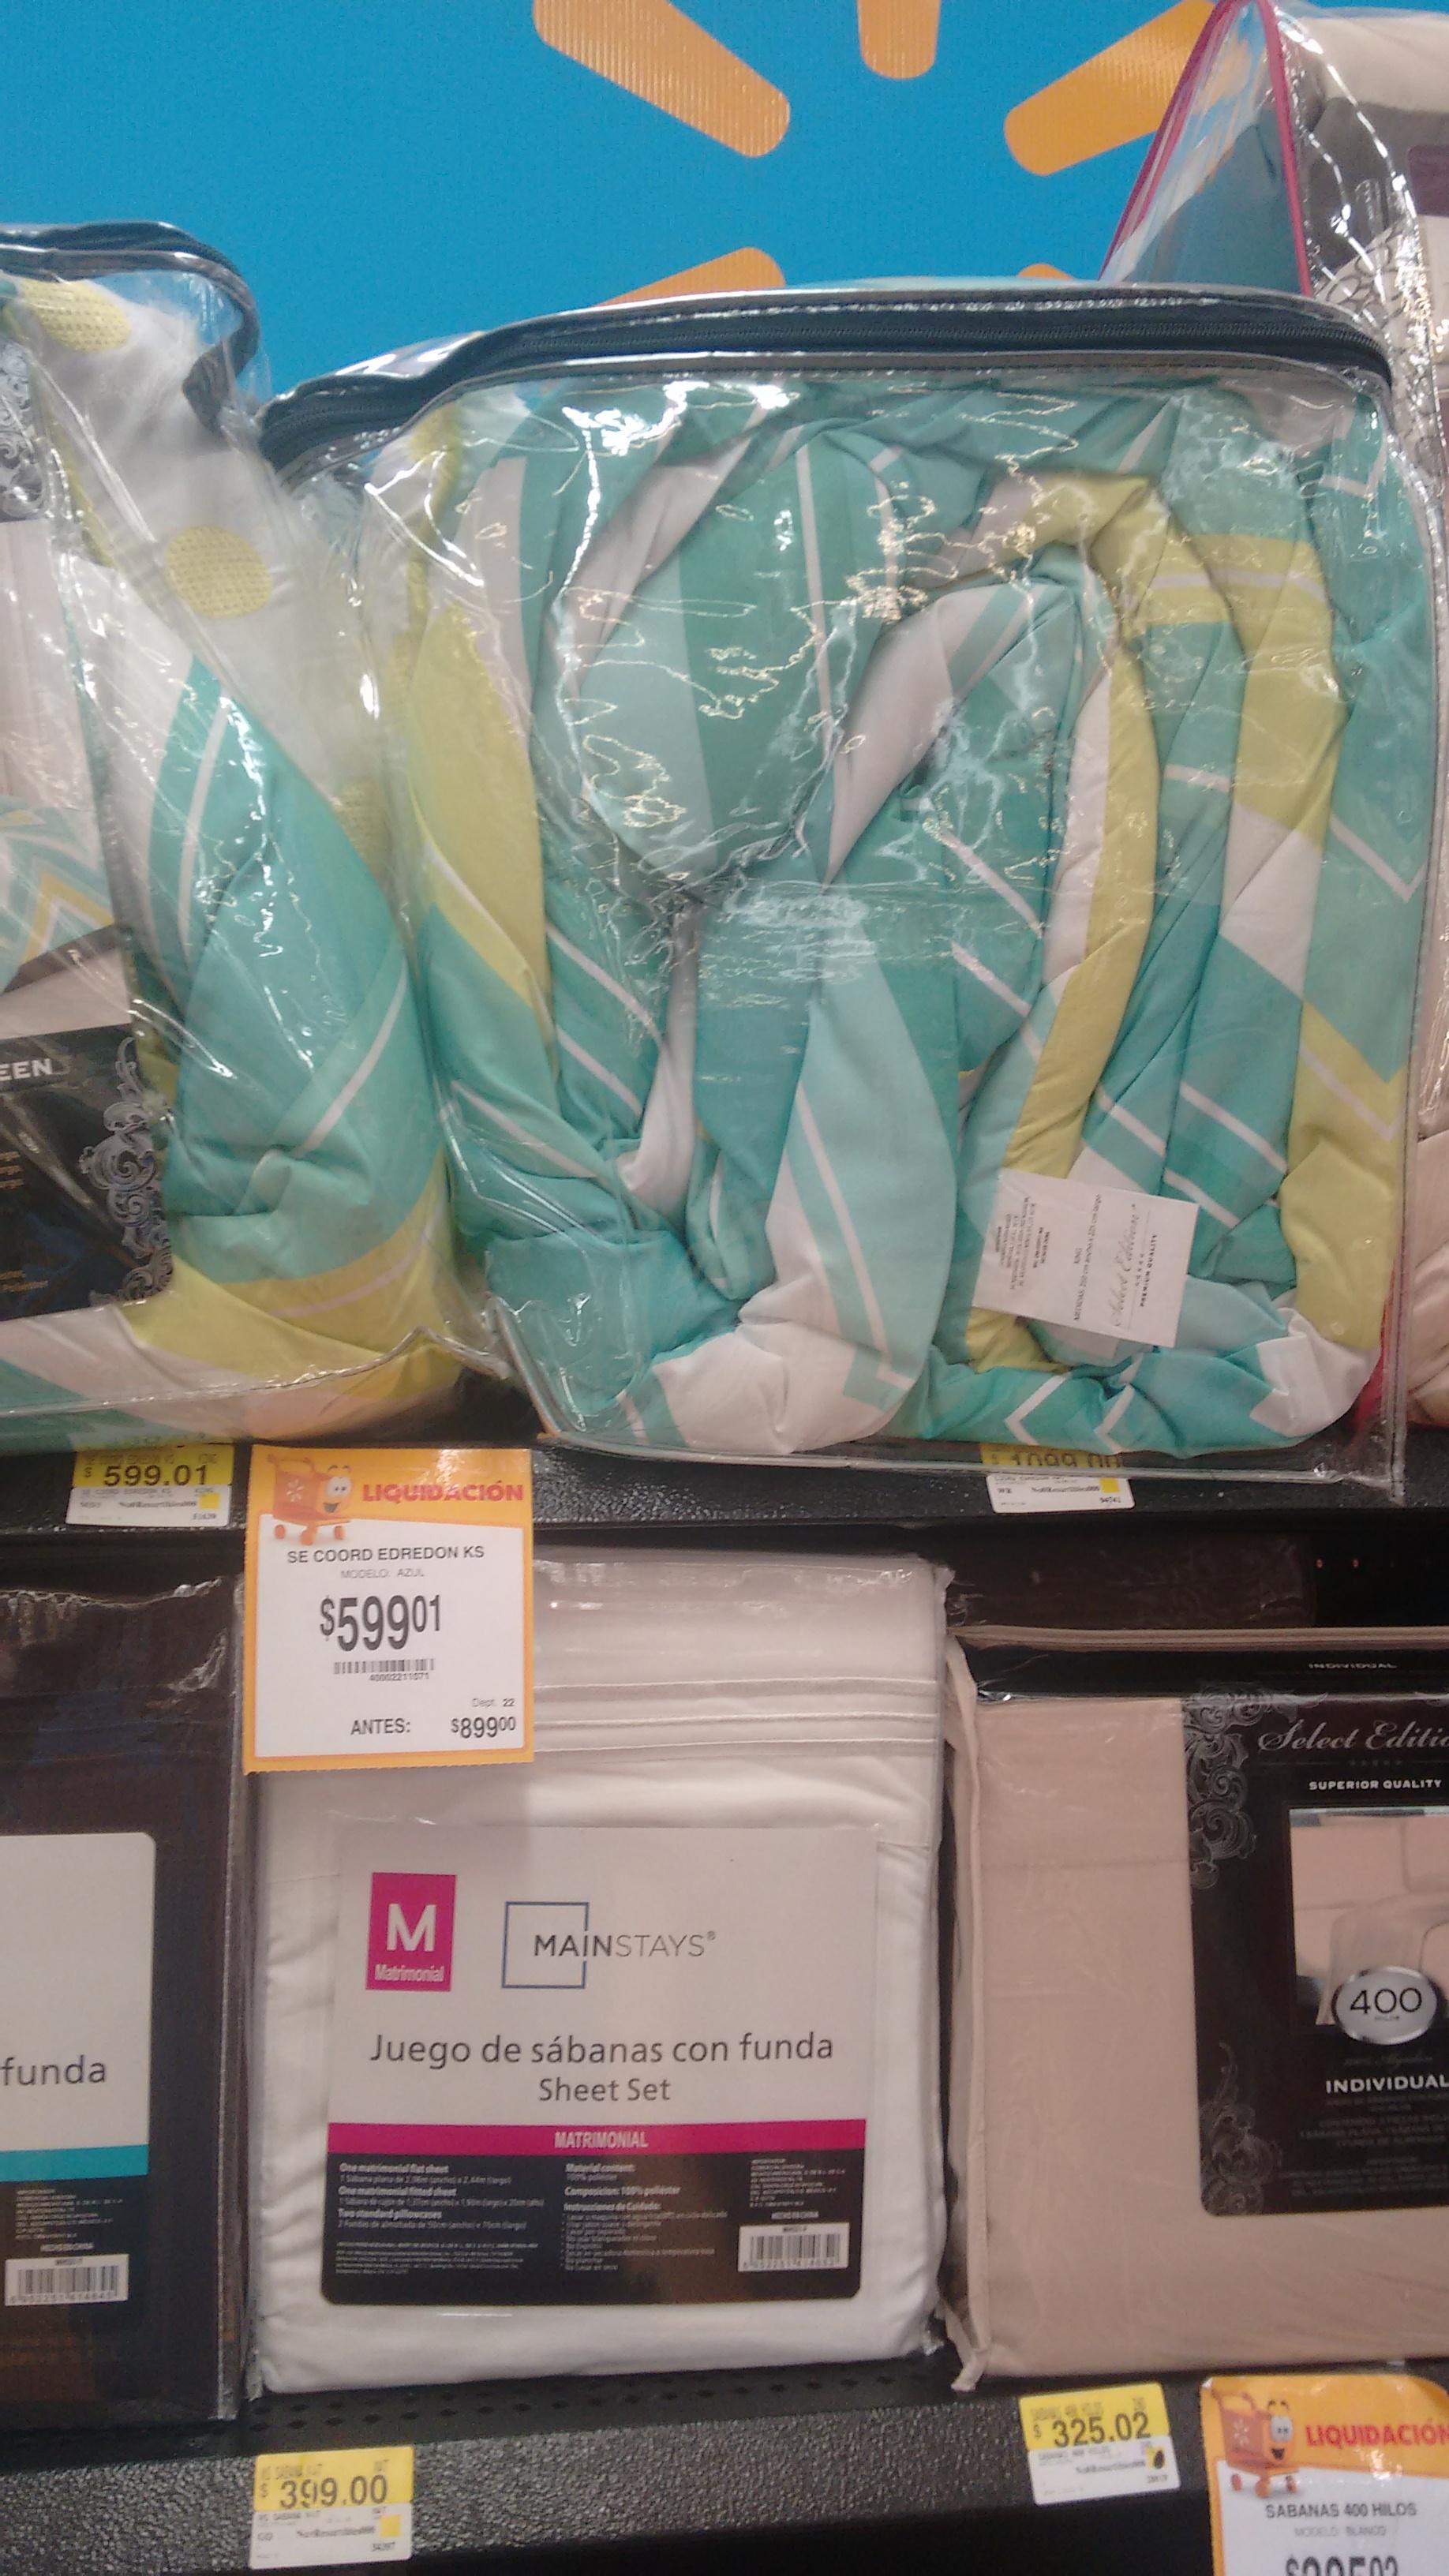 Walmart Interlomas magnocentro, juego de cama a $599.01